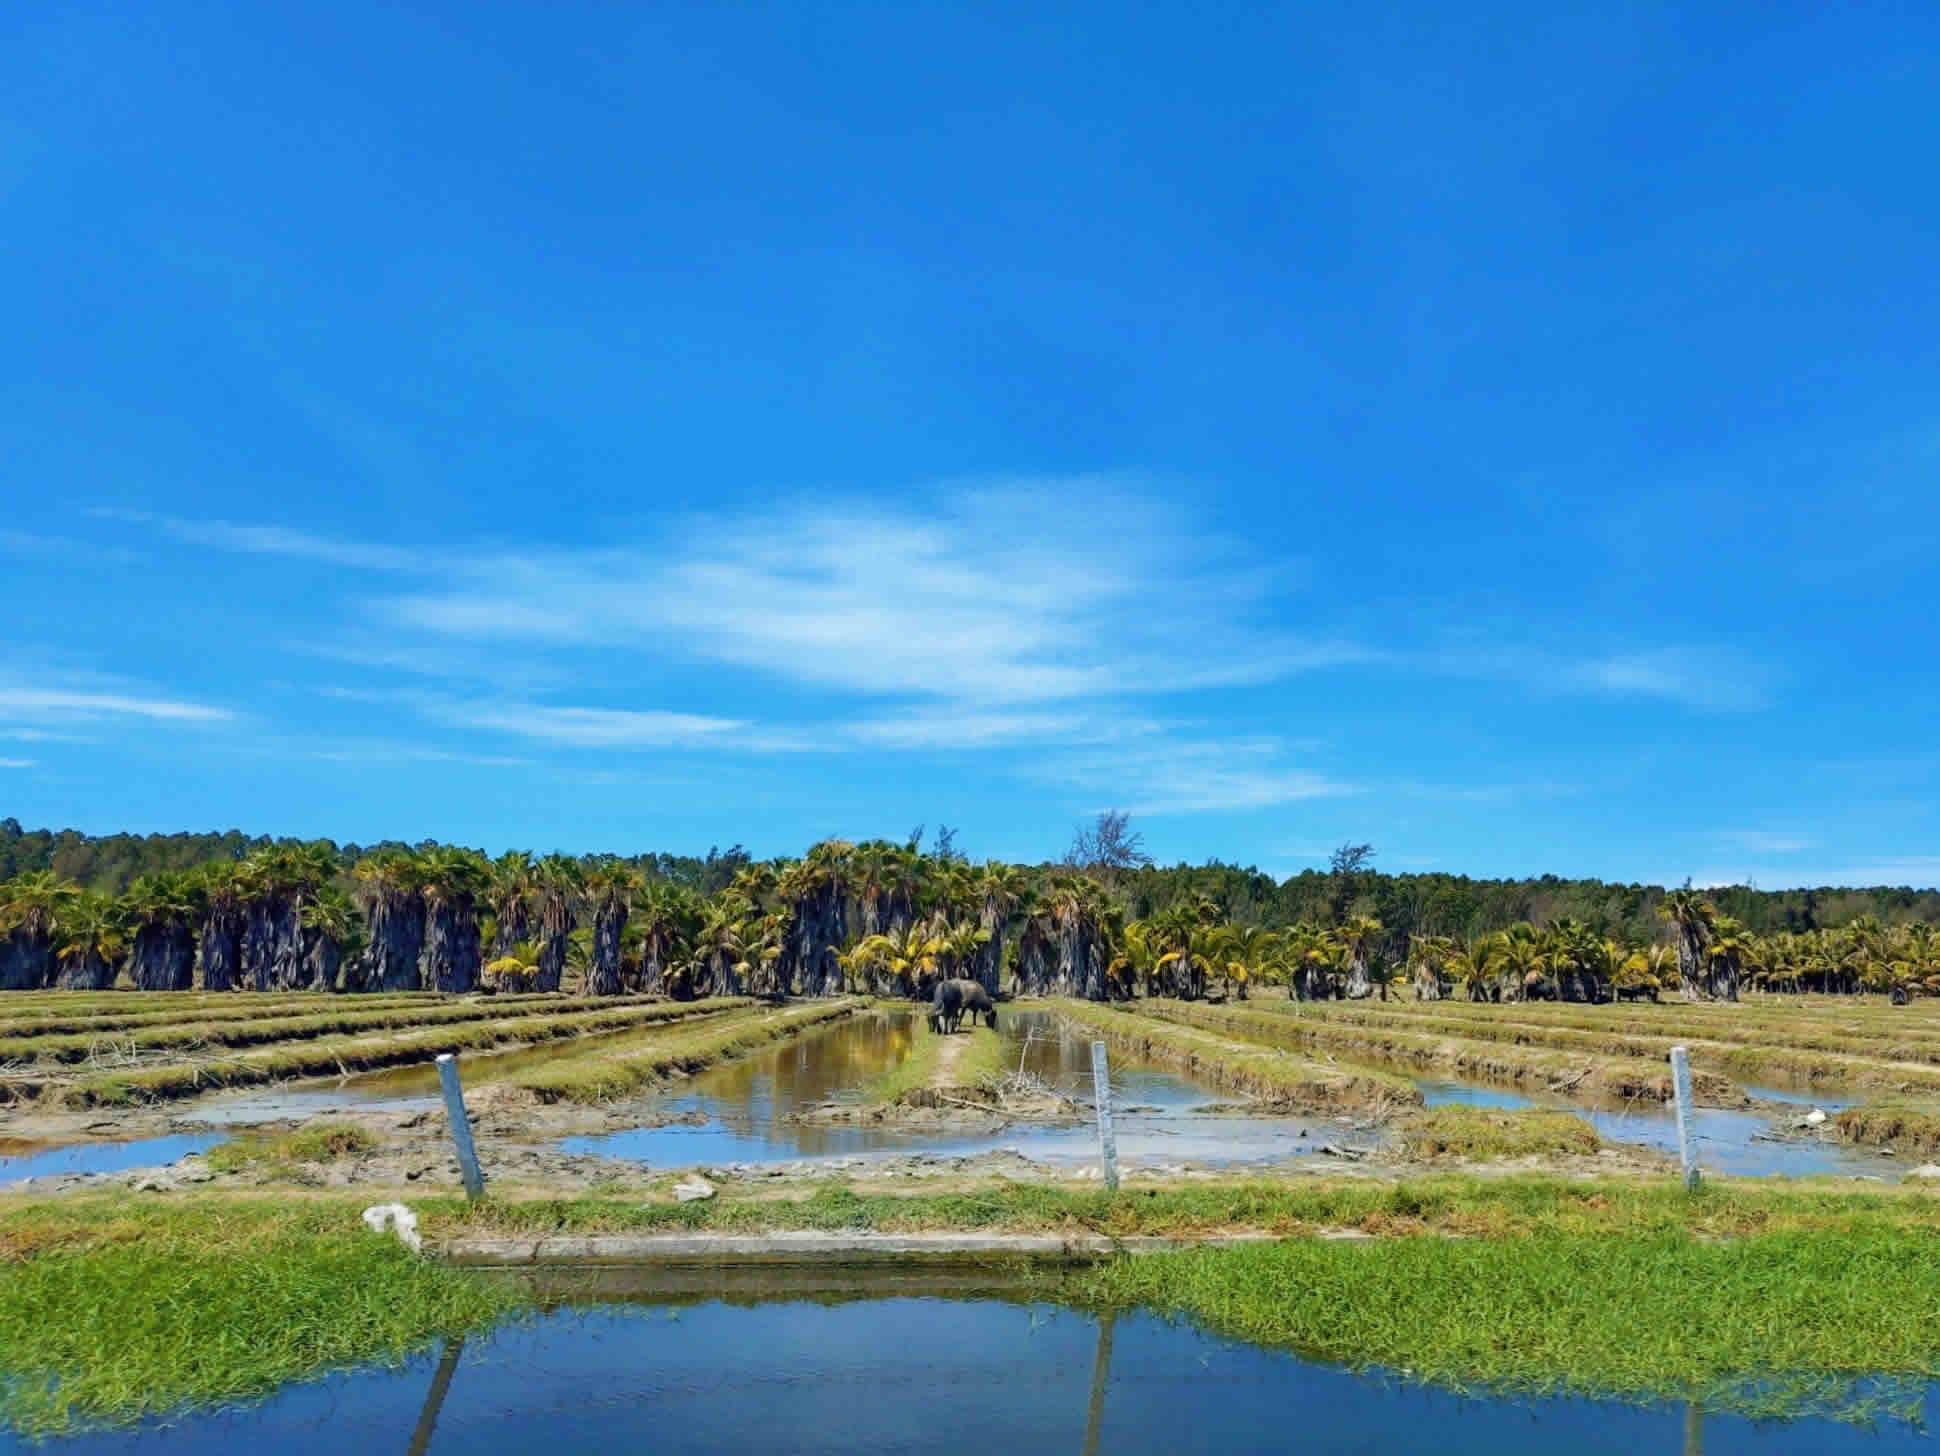 自然生态湿地,耕牛在吃草